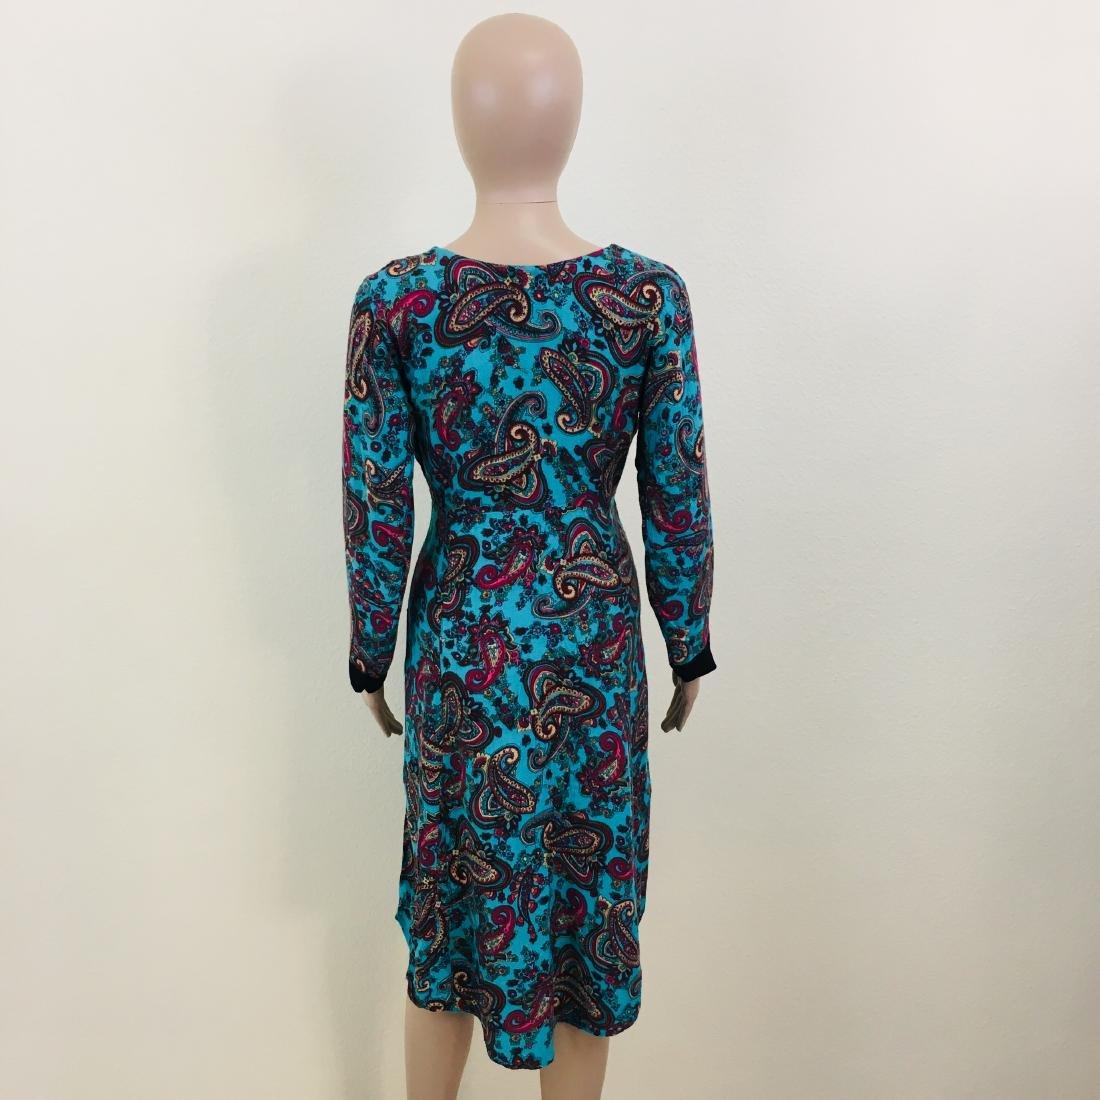 Vintage Women's Handmade Designer Dress - 7